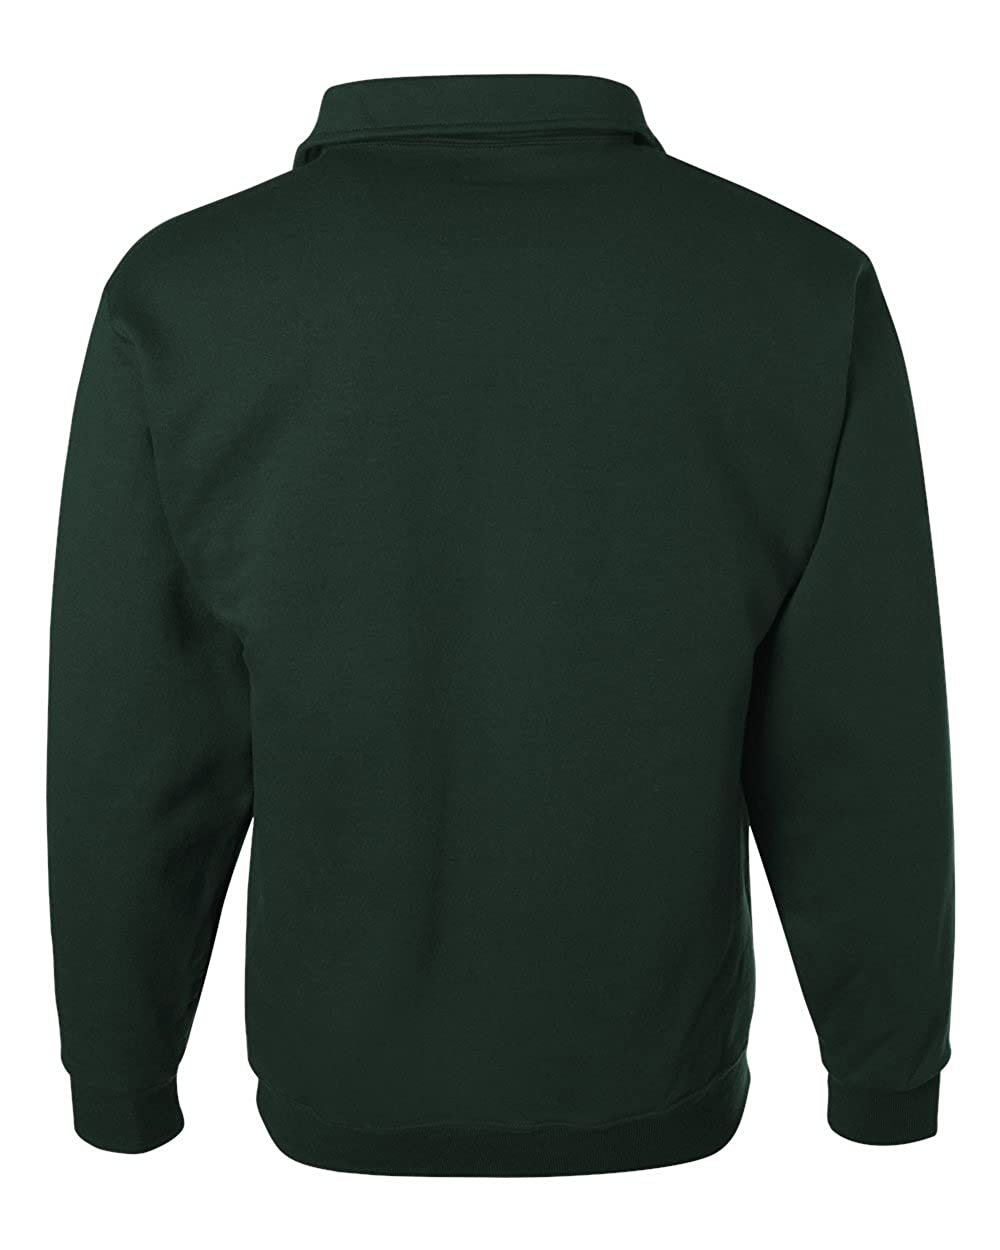 Jerzees 4662 9.5 oz 50//50 Super Sweats NuBlend Fleece Crew